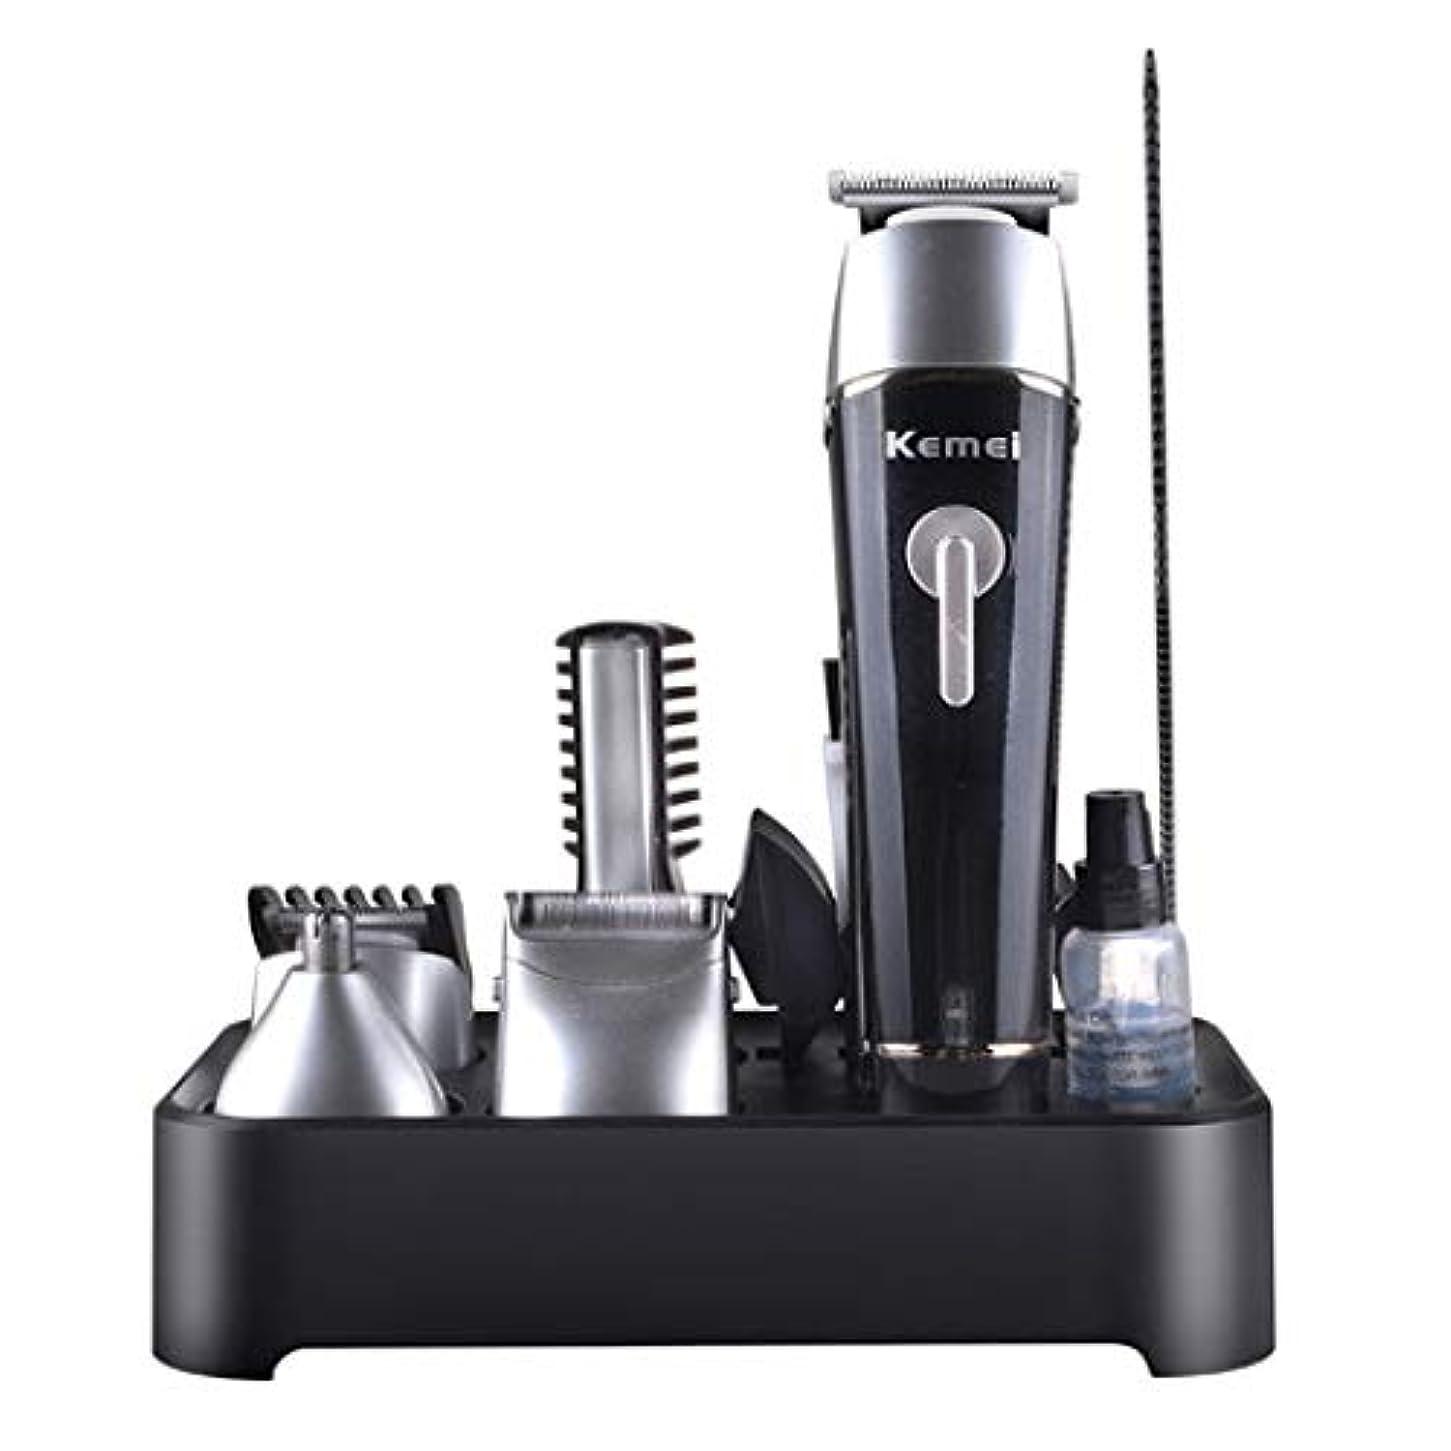 ボア曖昧な色合いQINJLI 電気髪クリッパー鼻ナイフ剃刀シェーバー多 function スーツ体を洗う基本 16 * 3.5 cm を充電